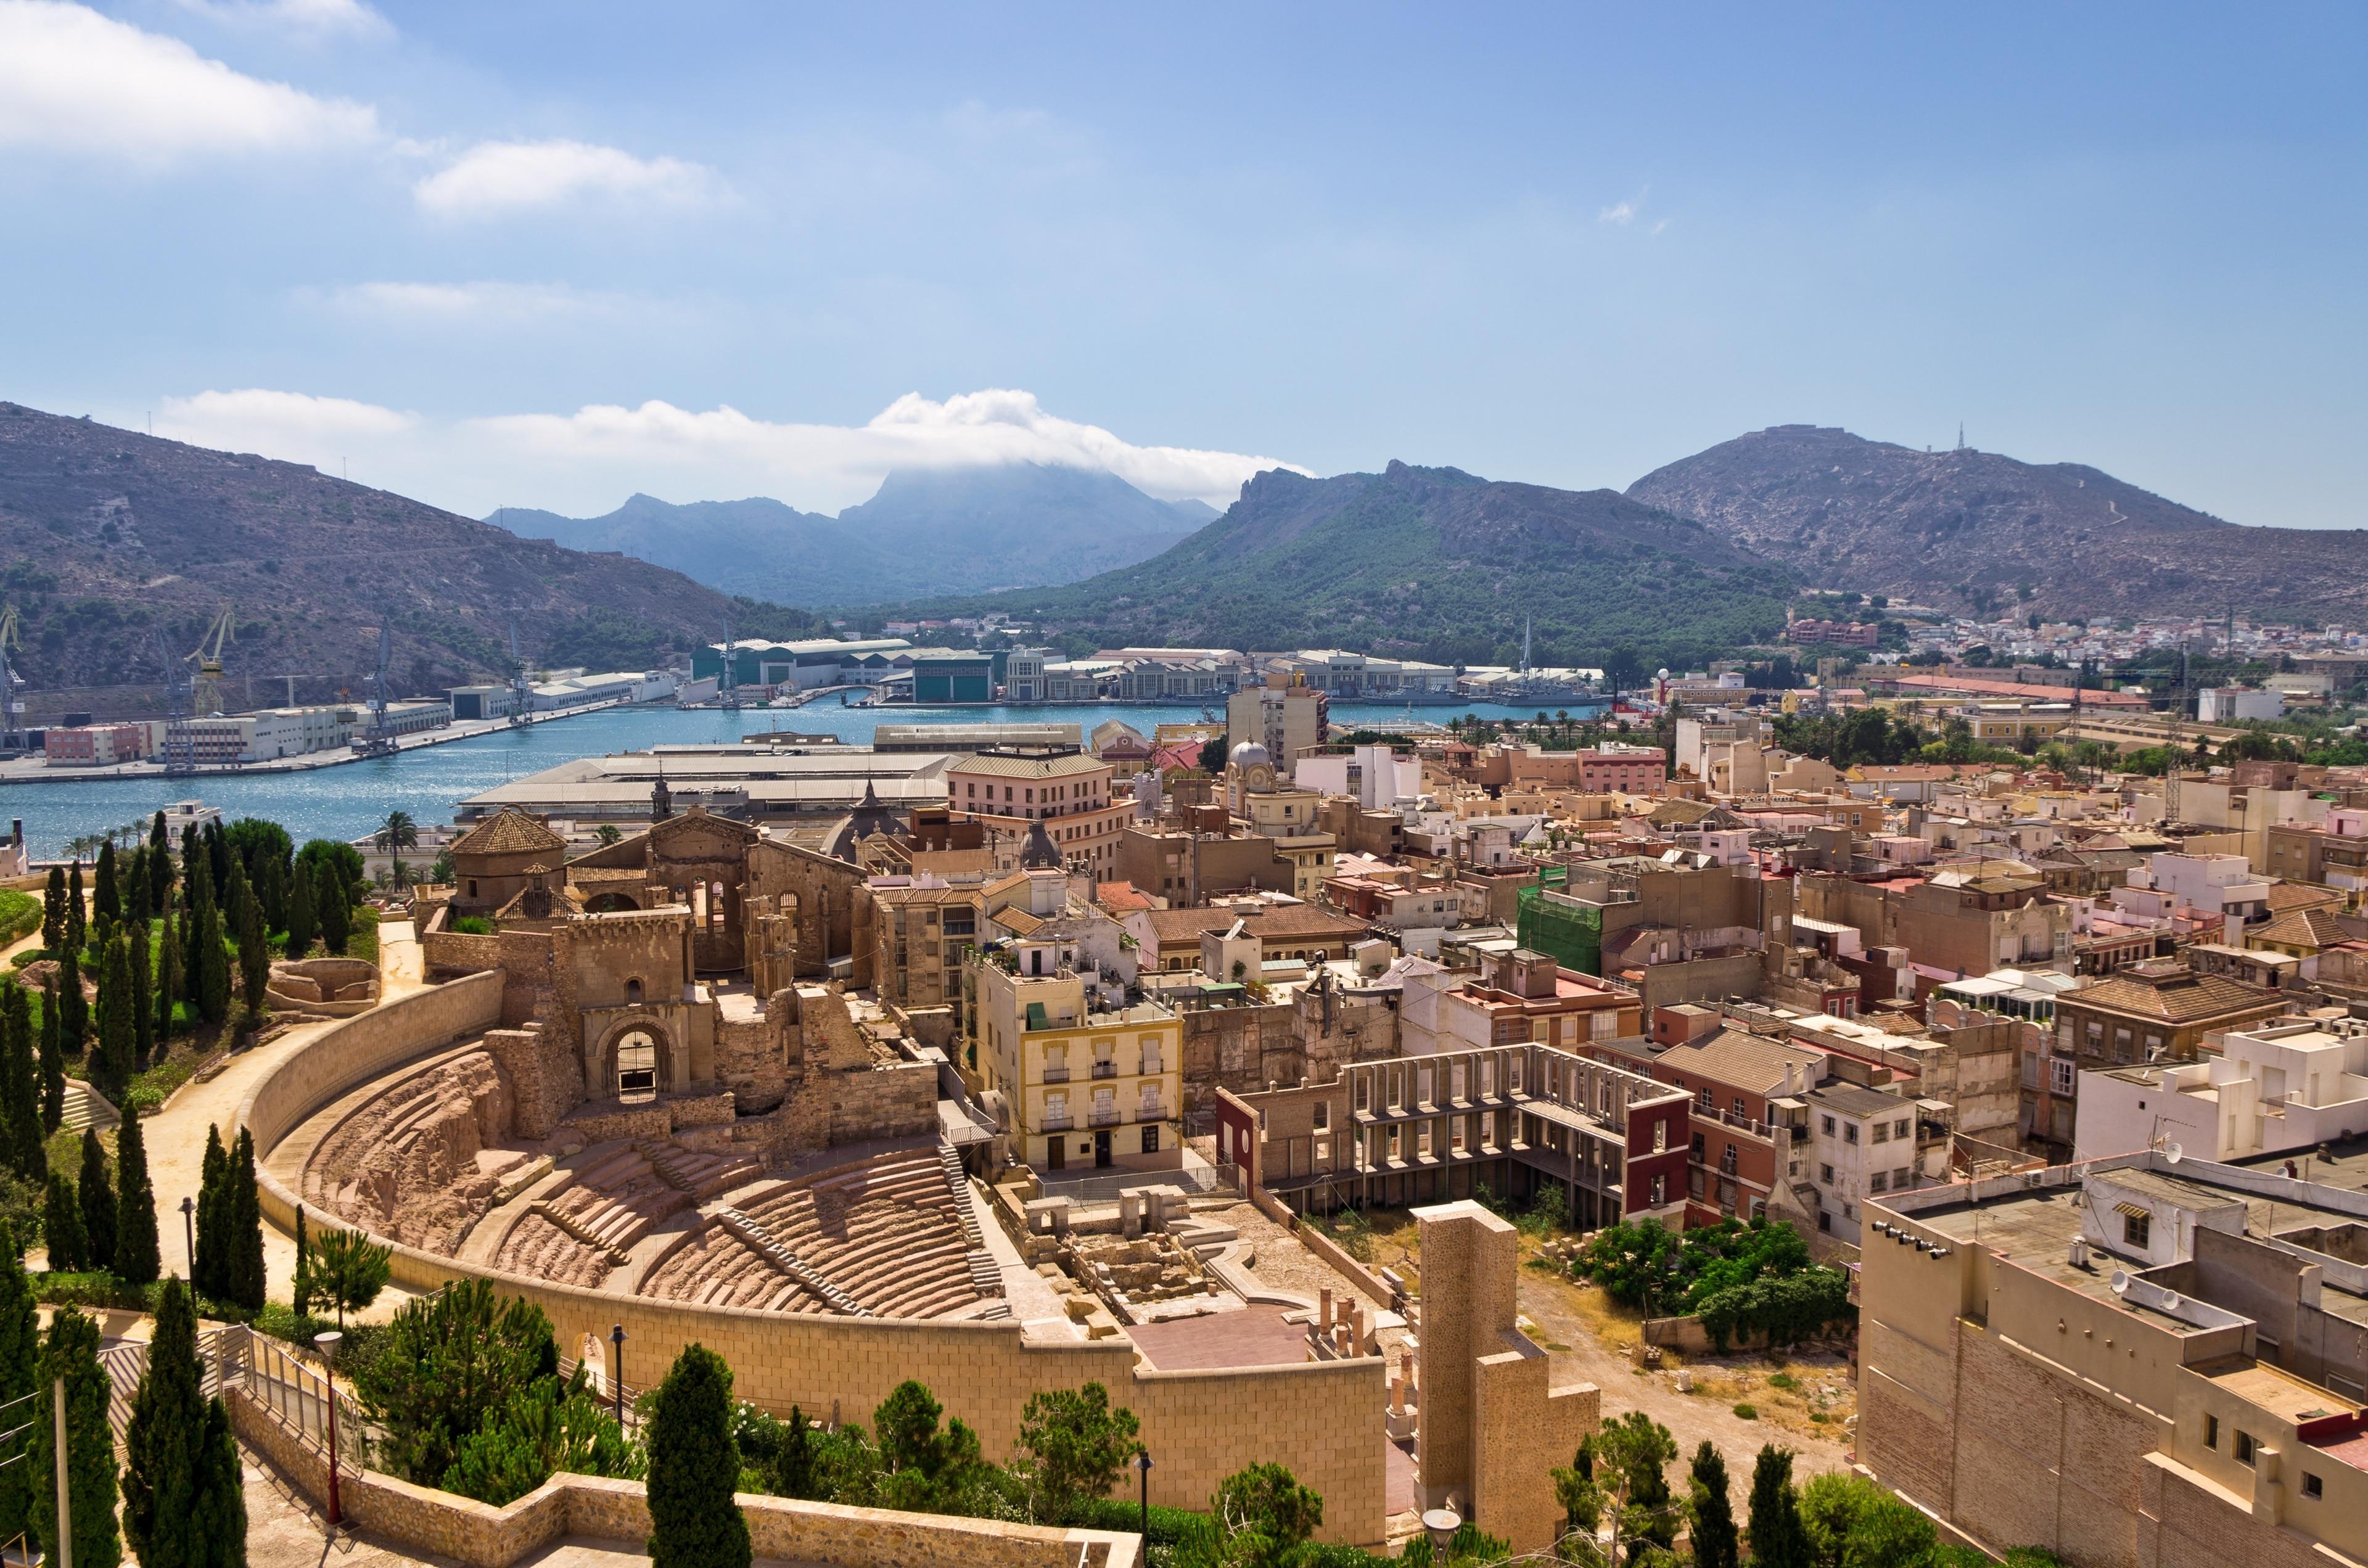 Campo de Cartagena y Mar Menor, Murcia Region, Spanien